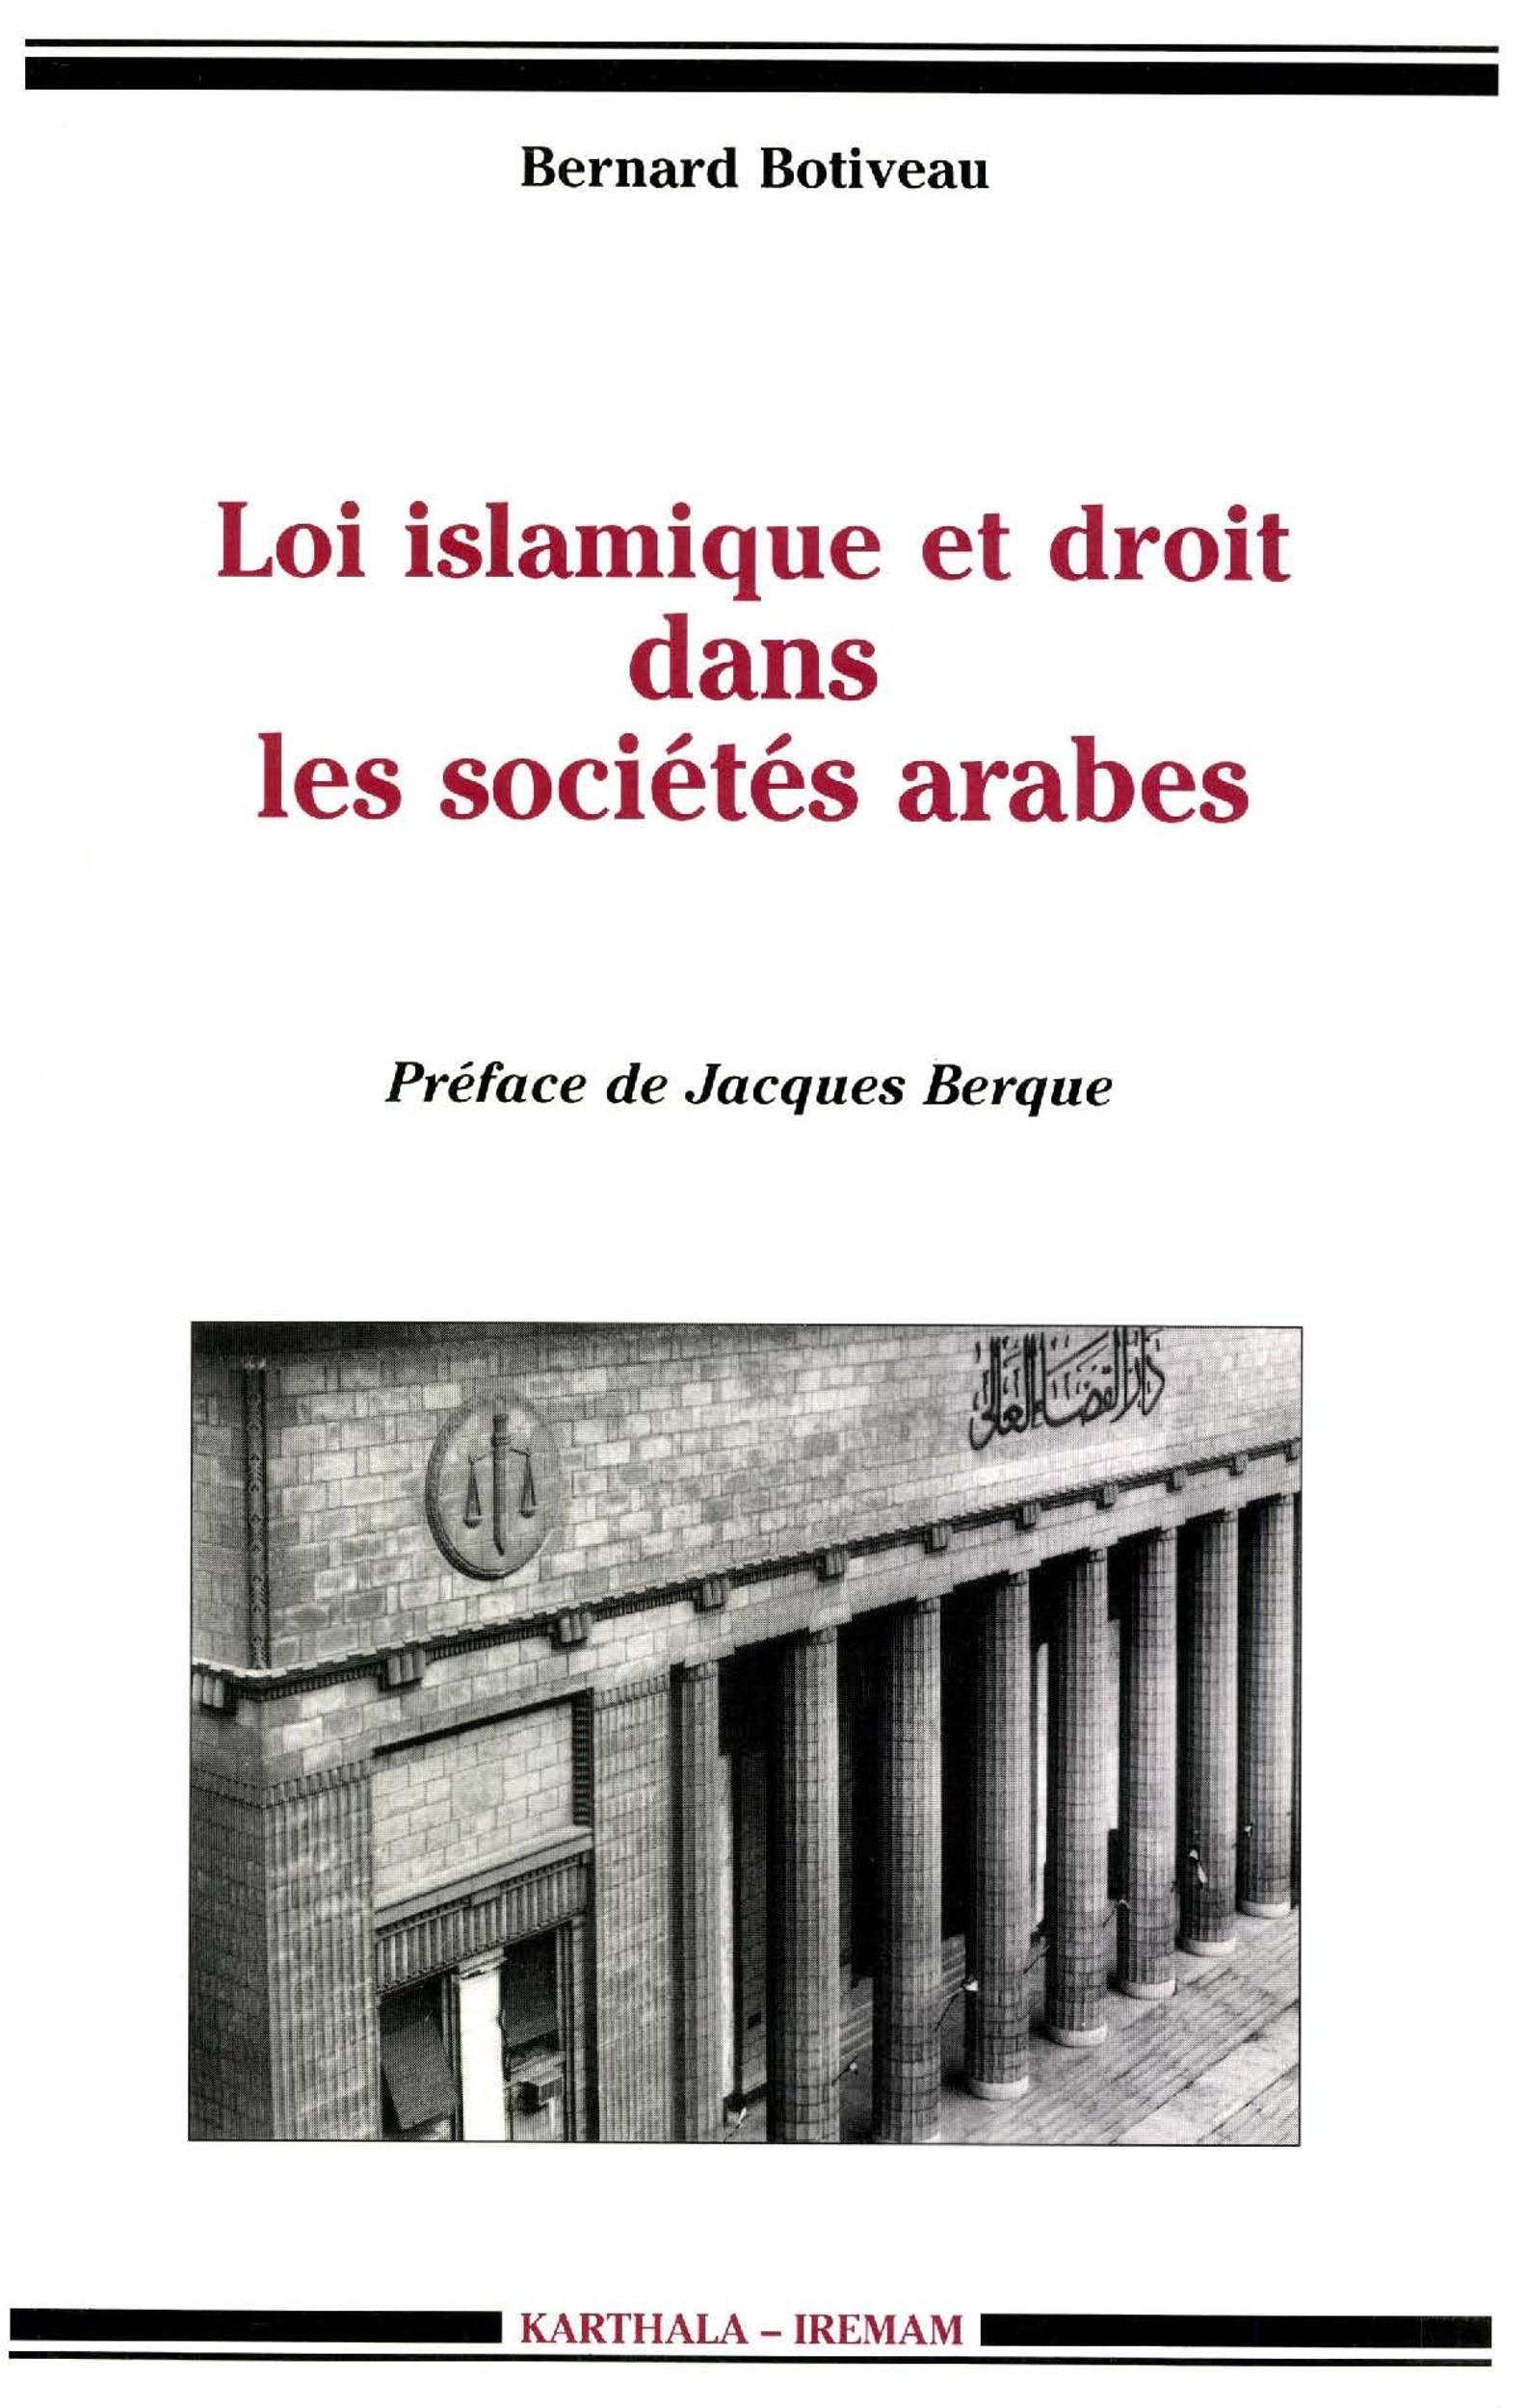 Loi islamique et droit dans les societes arabes - mutations des systemes juridiques du moyen-orient